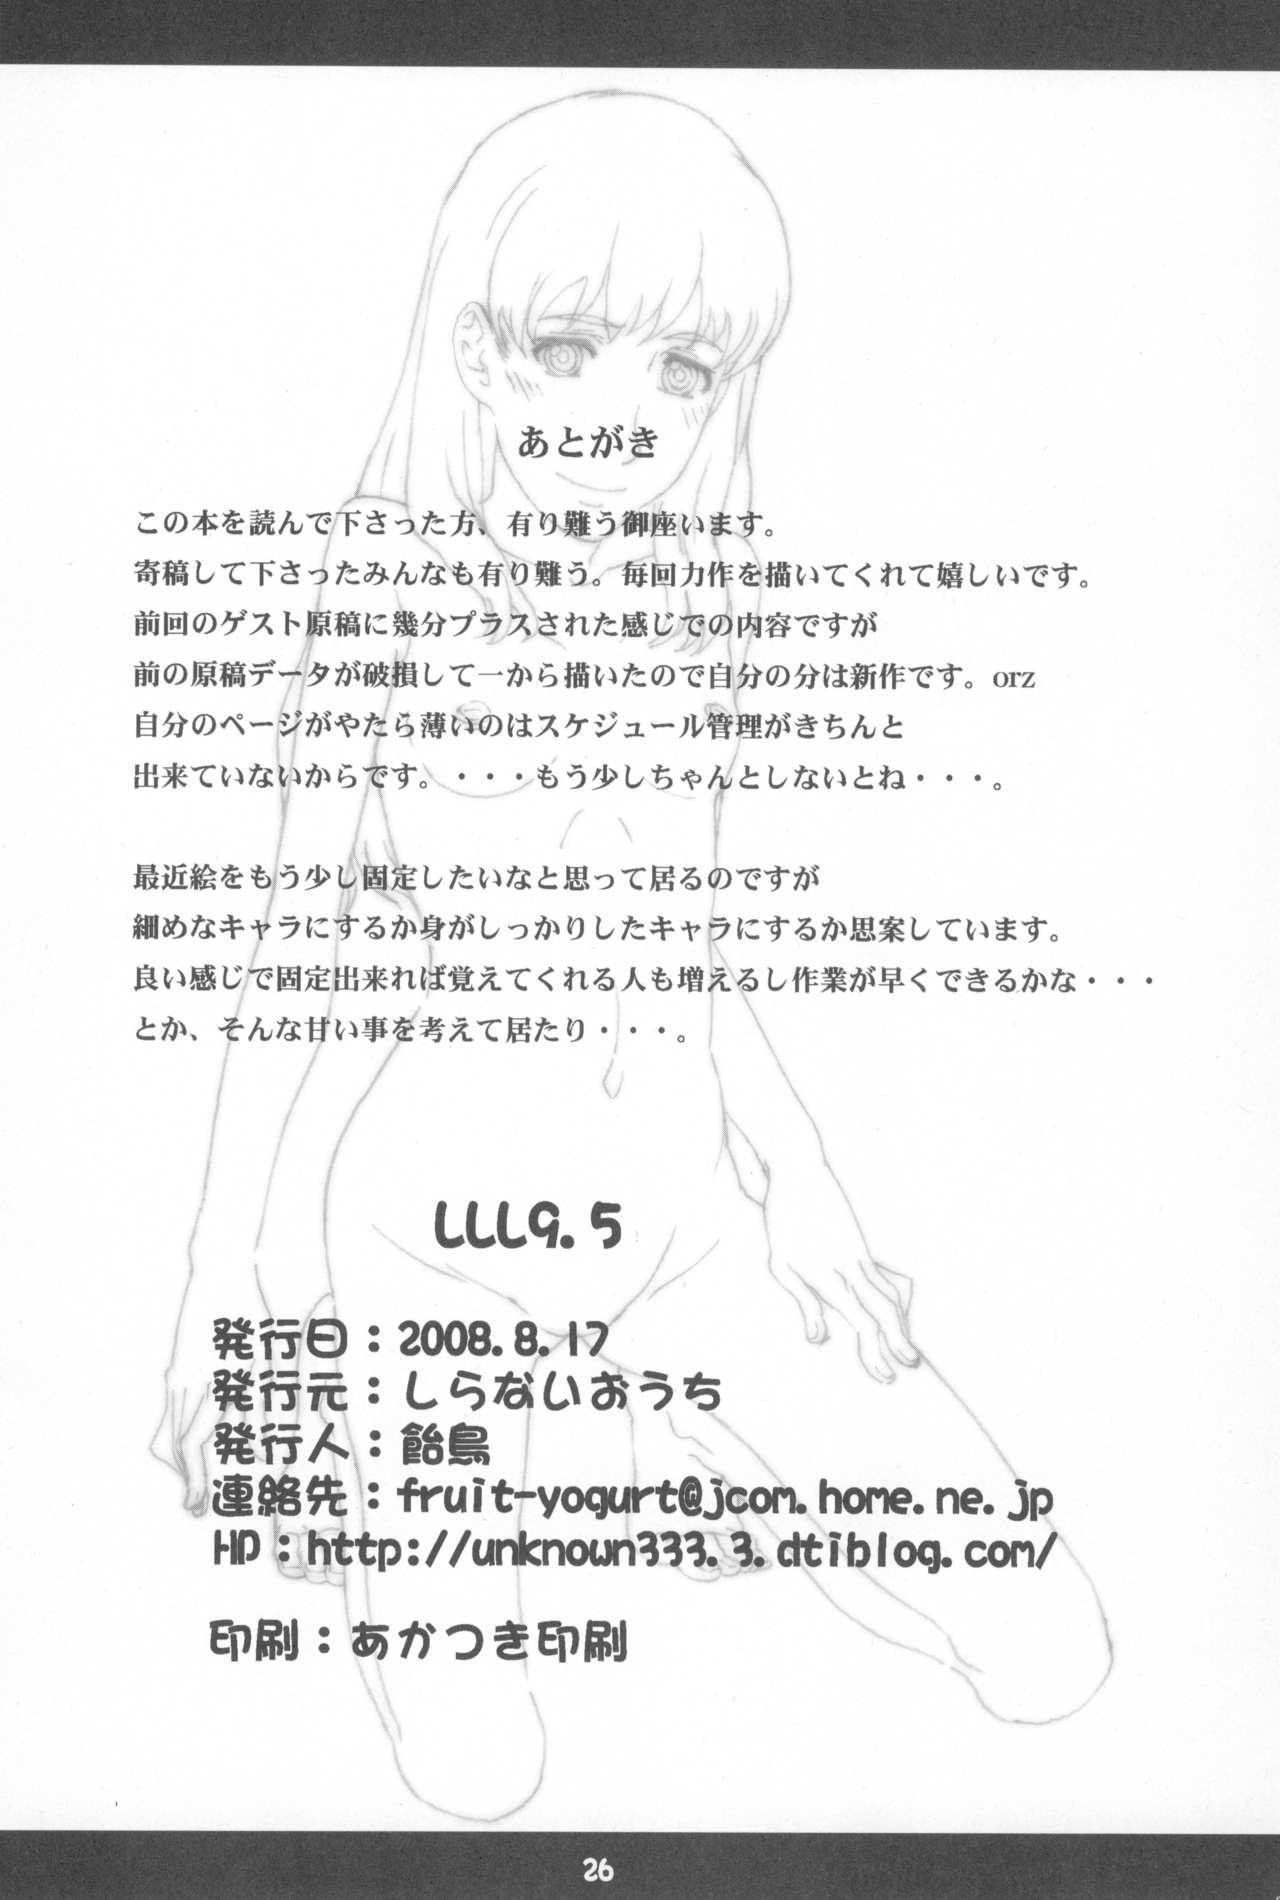 LLL9.5 25